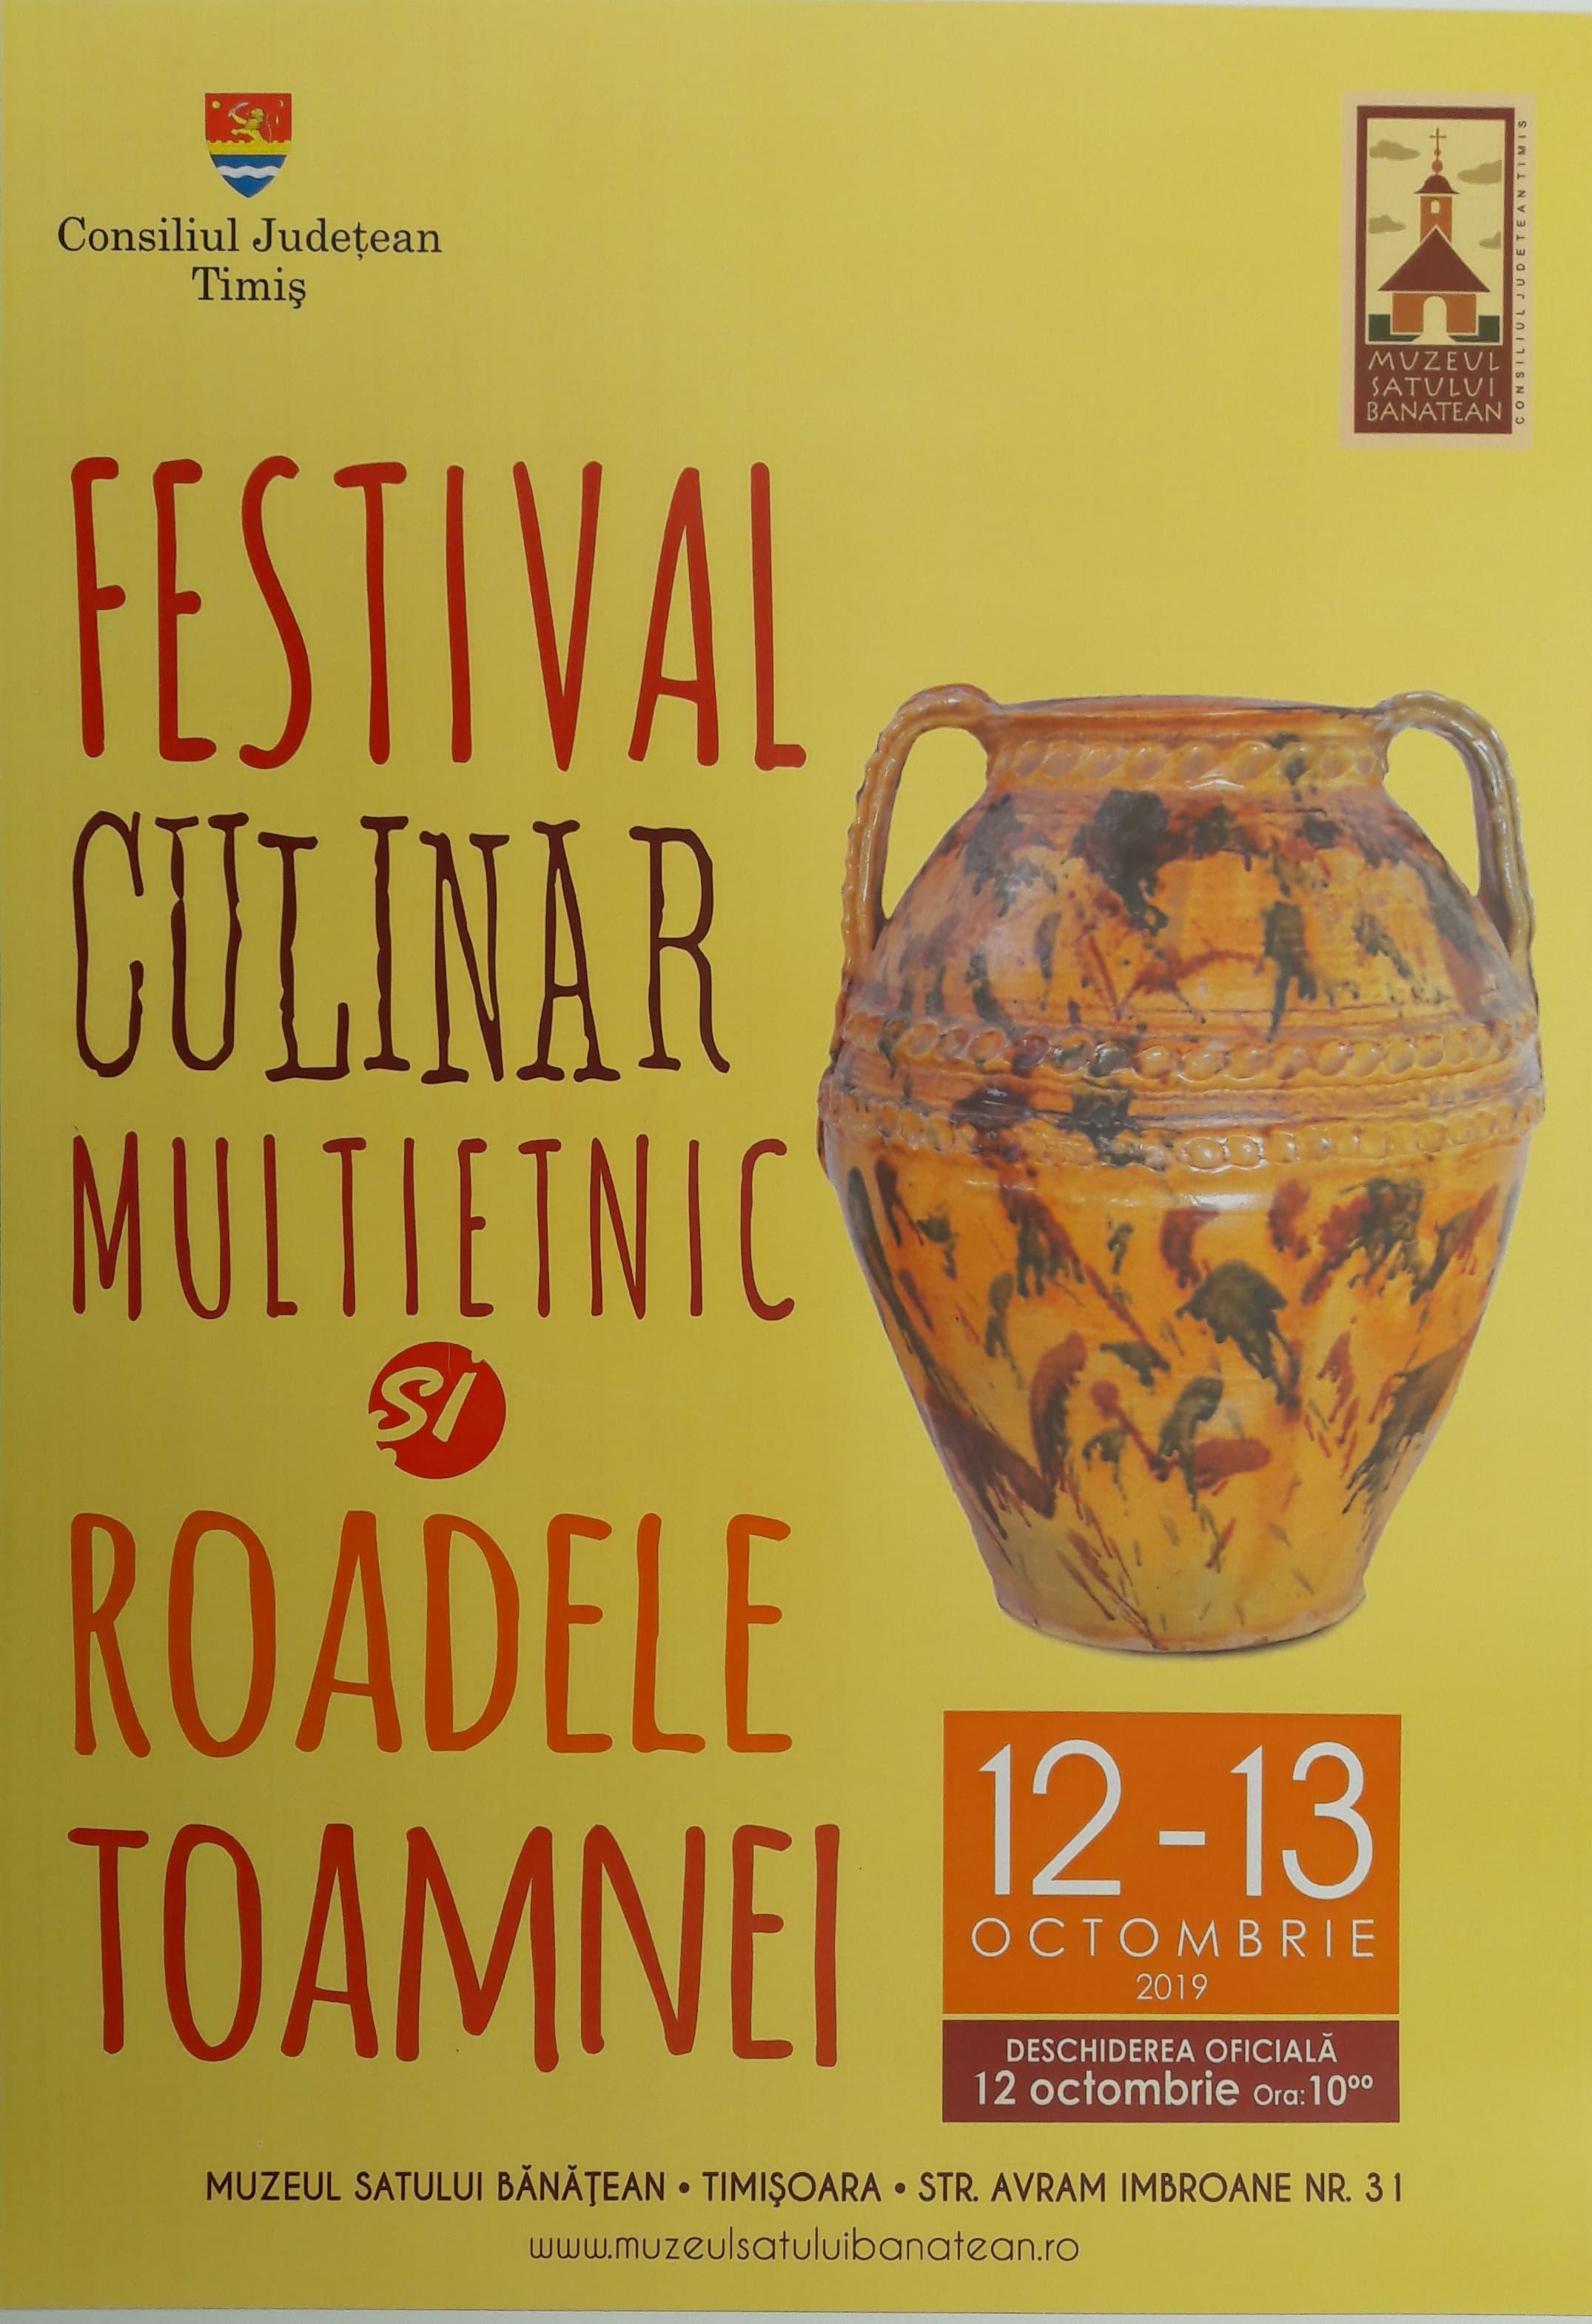 Festivalul Culinar Multietnic și Roadele Toamnei,ediția a IV-a – 12-13 octombrie 2019